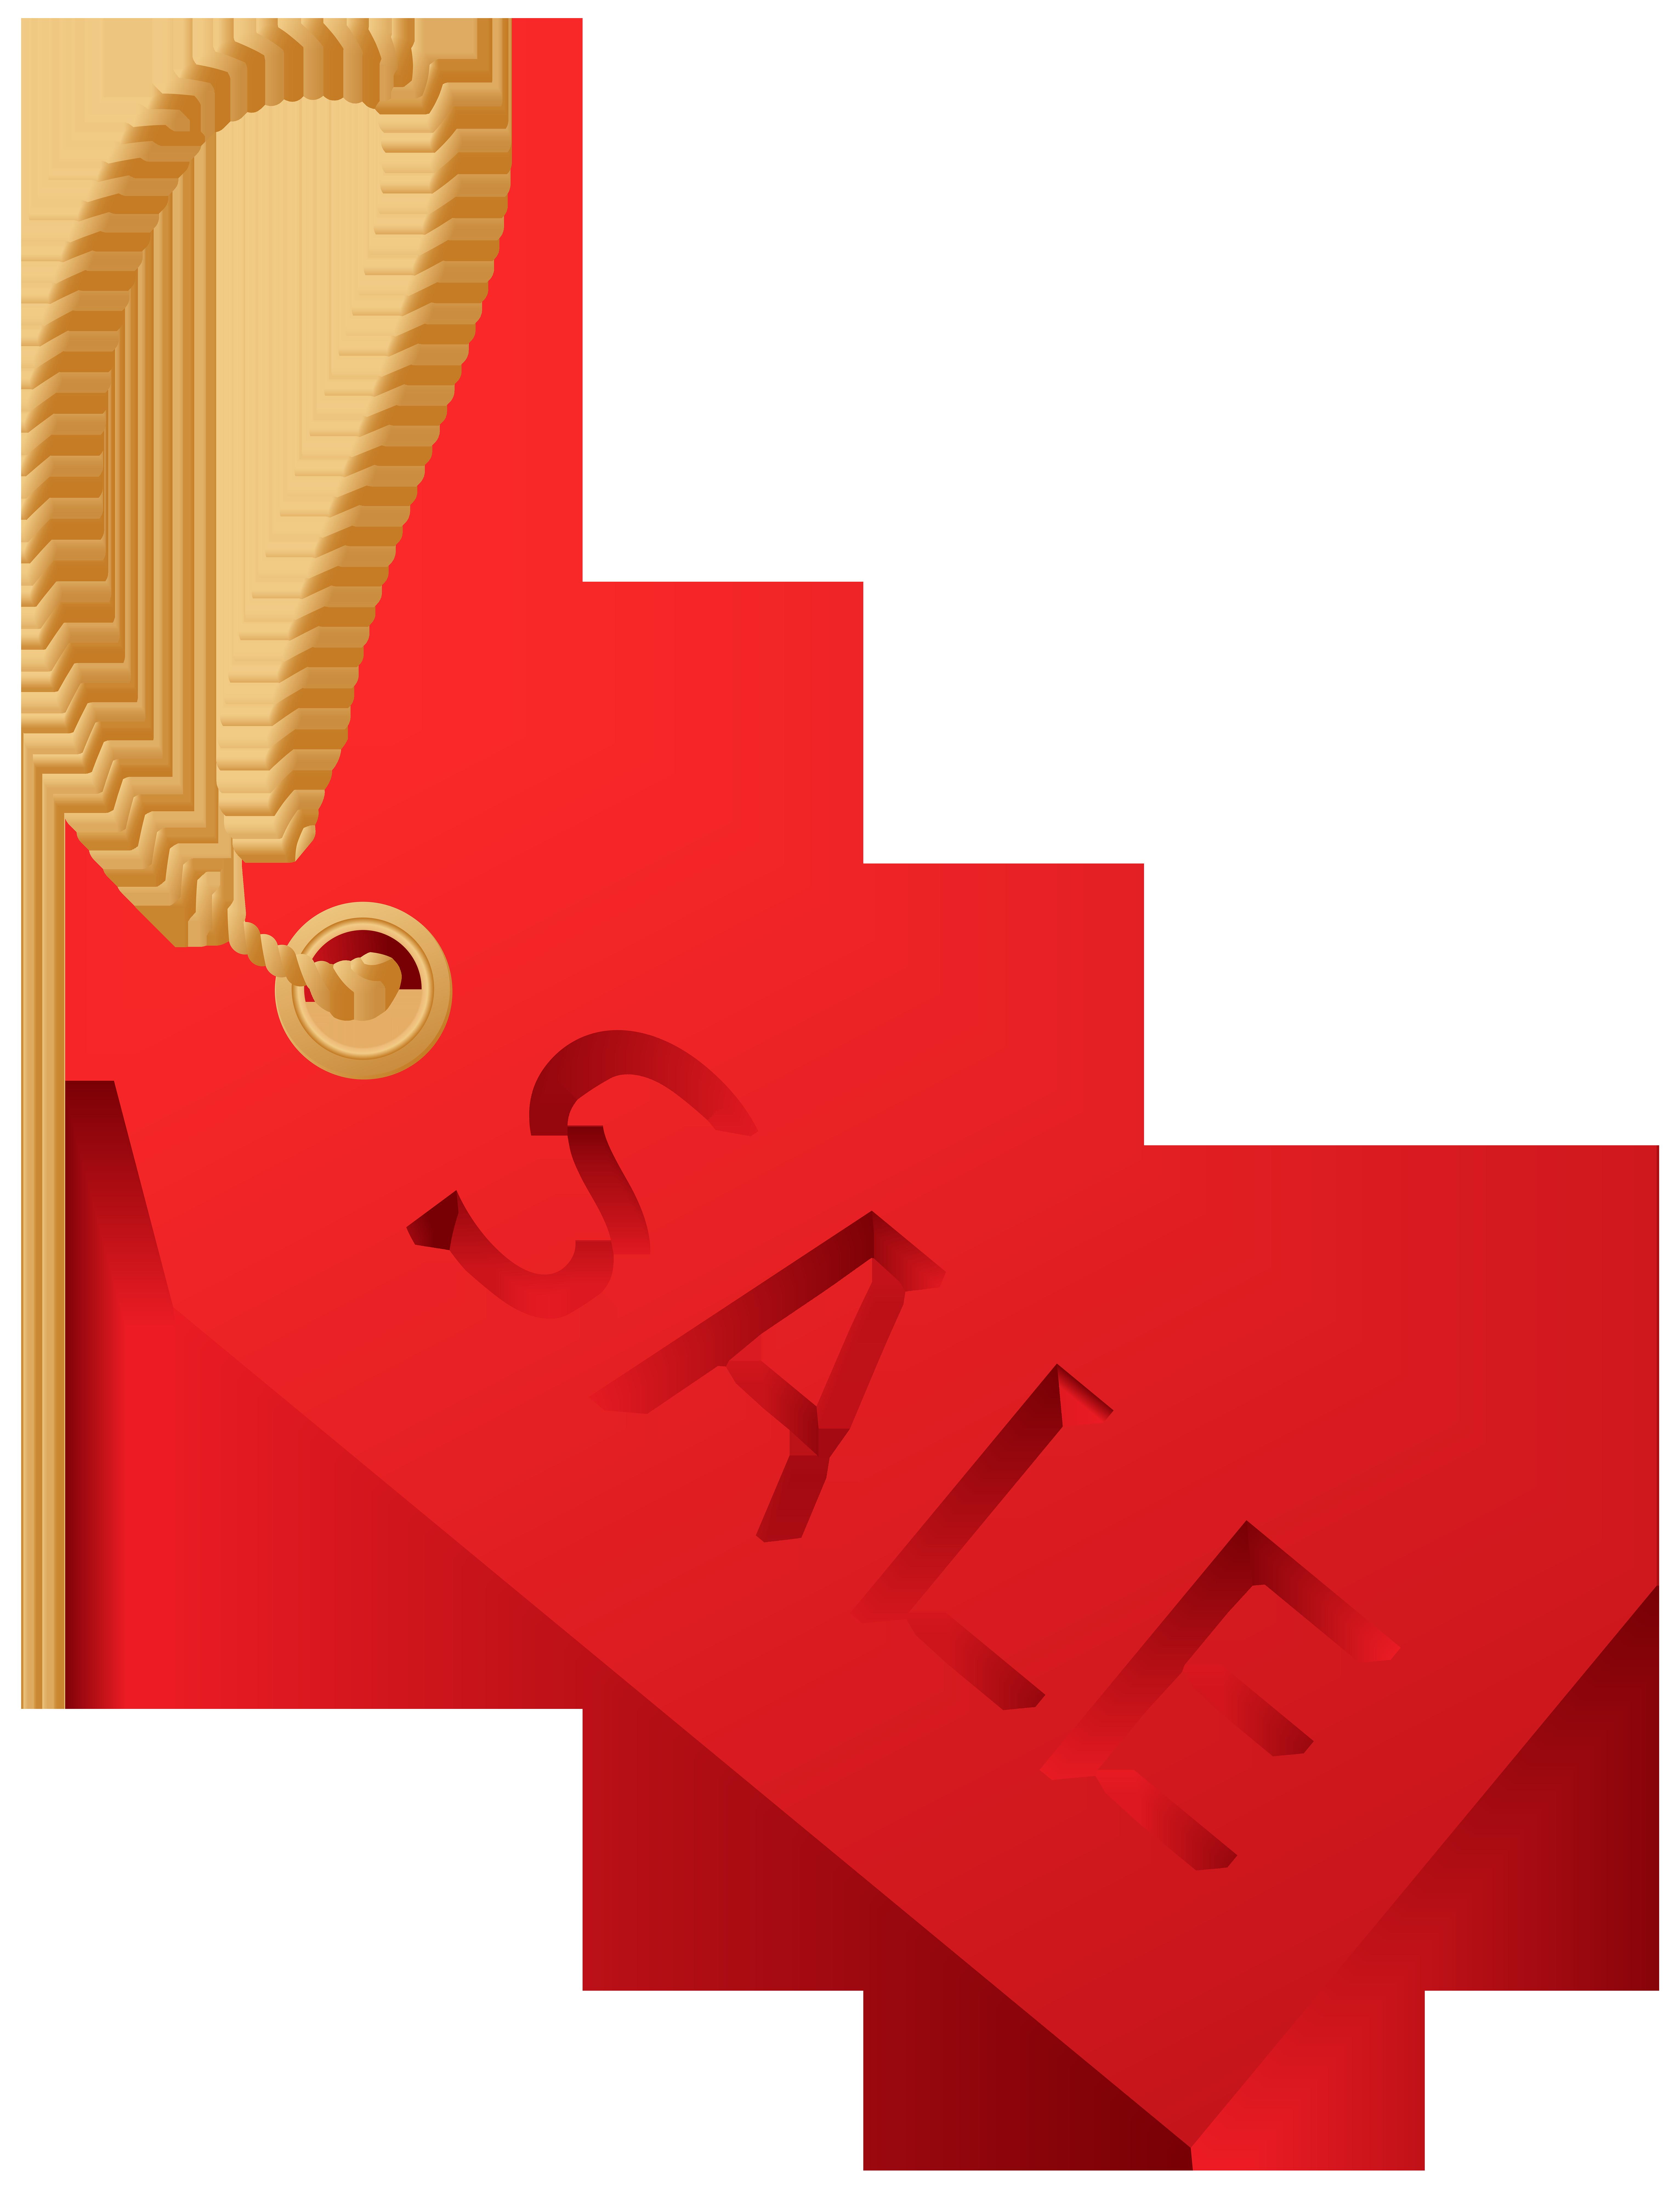 png transparent download Png clip art image. Sale clipart.